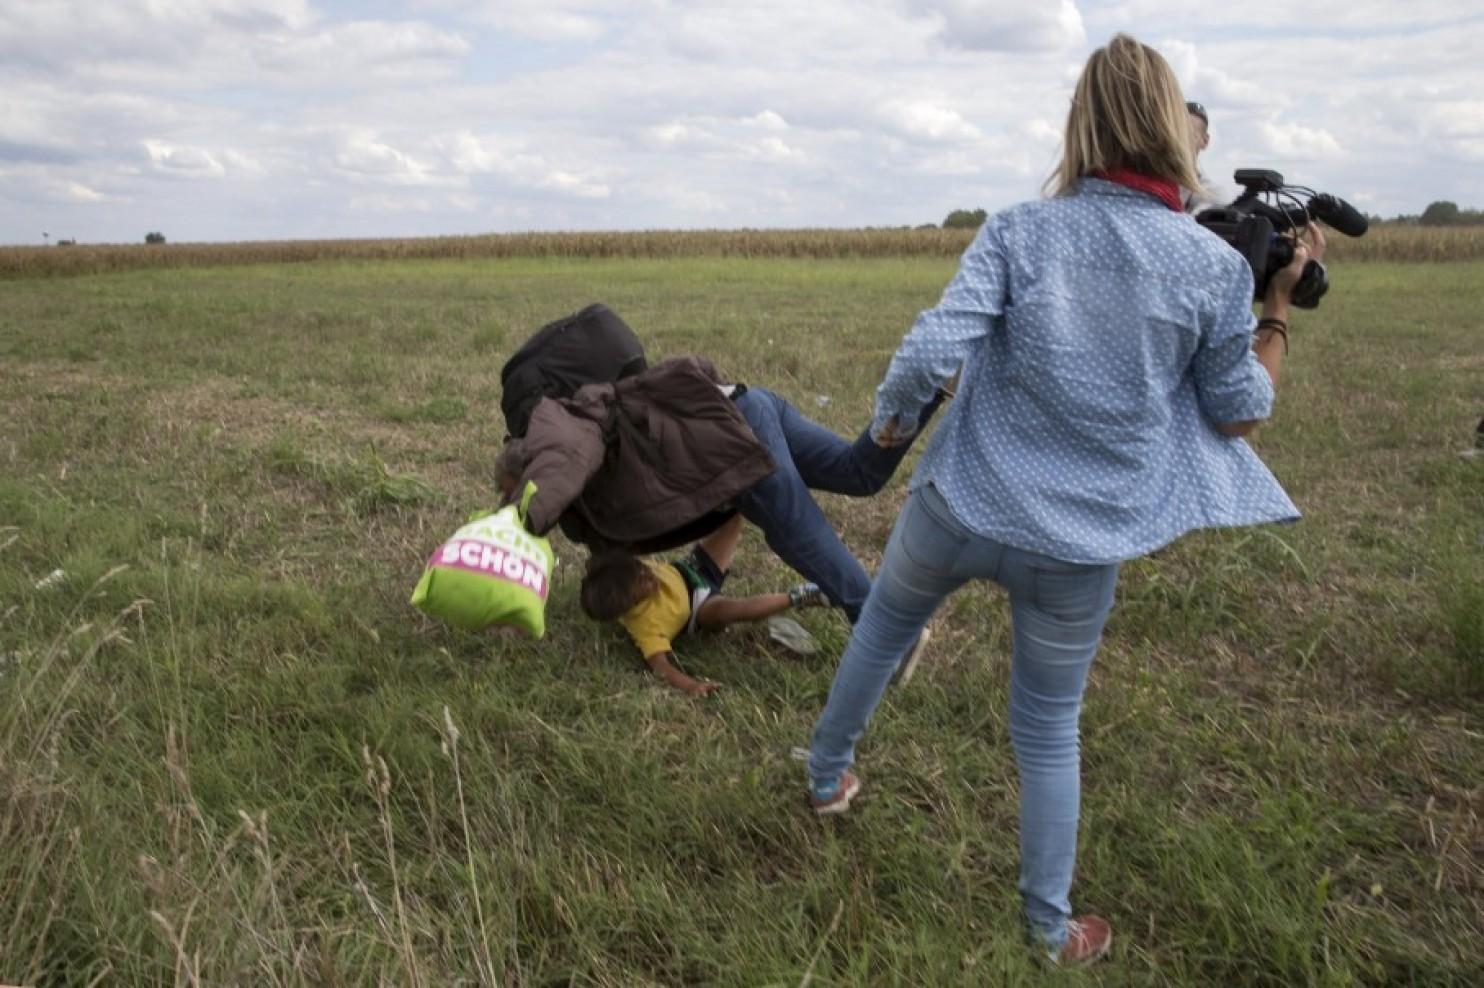 Một phóng viên ở Hungary bịđuổi việc vìđã đá một người đàn ông tỵ nạn Syria bế con té lăn cù xuống đất, nguồn internet